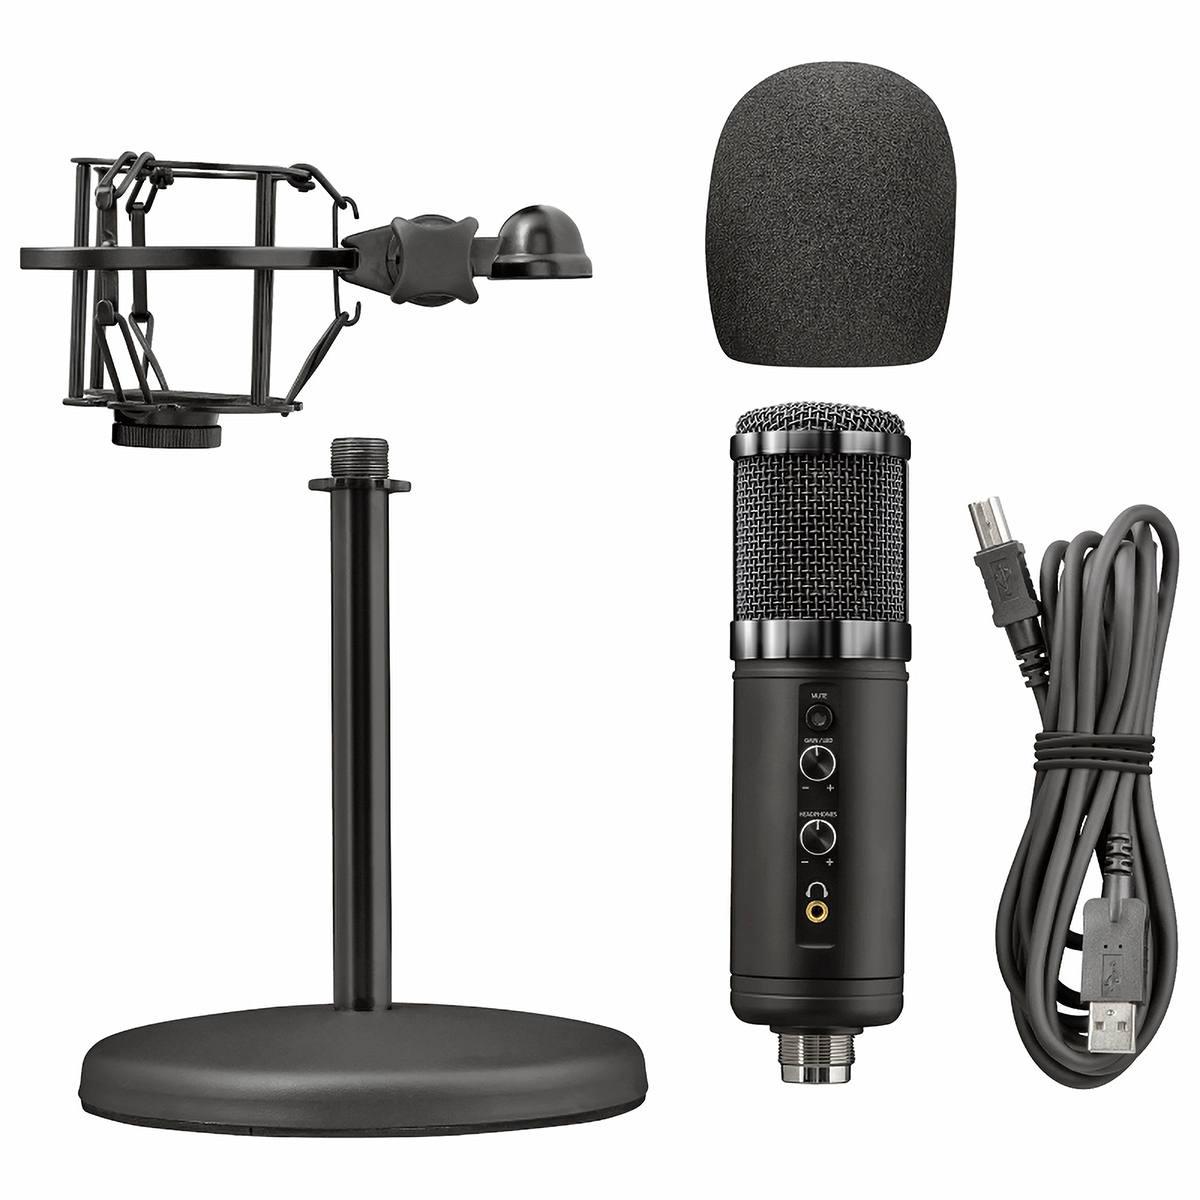 Microfone de Mesa USB Cardioide de Alta Precisão para Gravação de Voz com Redução de Ruído Trust GXT 256 Exxo